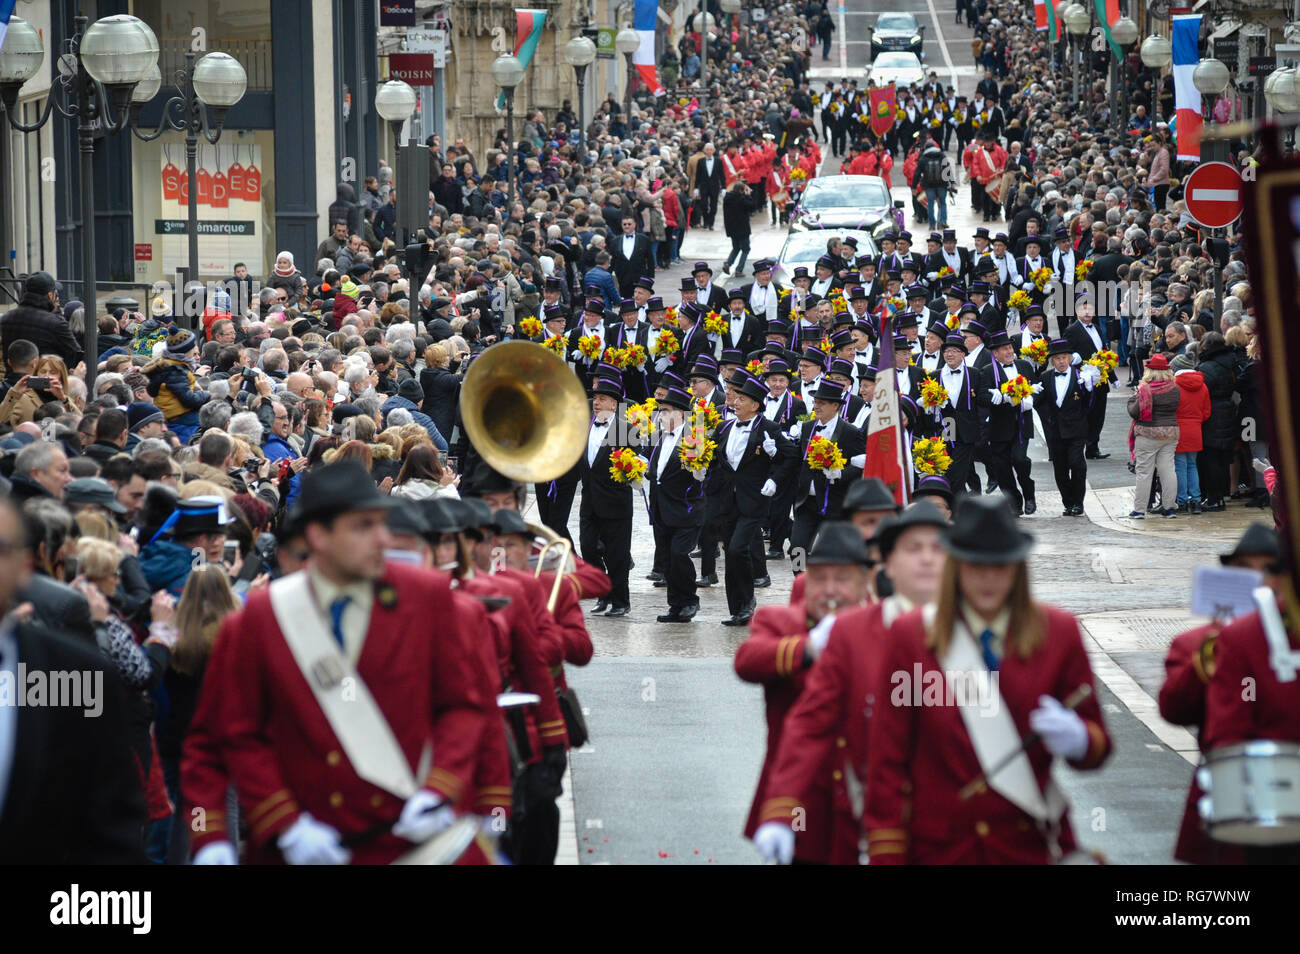 Jedes Jahr die Wehrpflichtigen machen die Welle in der nationalen Straße von Villefranche-sur-Saone. Sie tragen ein gibus mit den Farben ihres Alters und Blumensträuße Stockbild